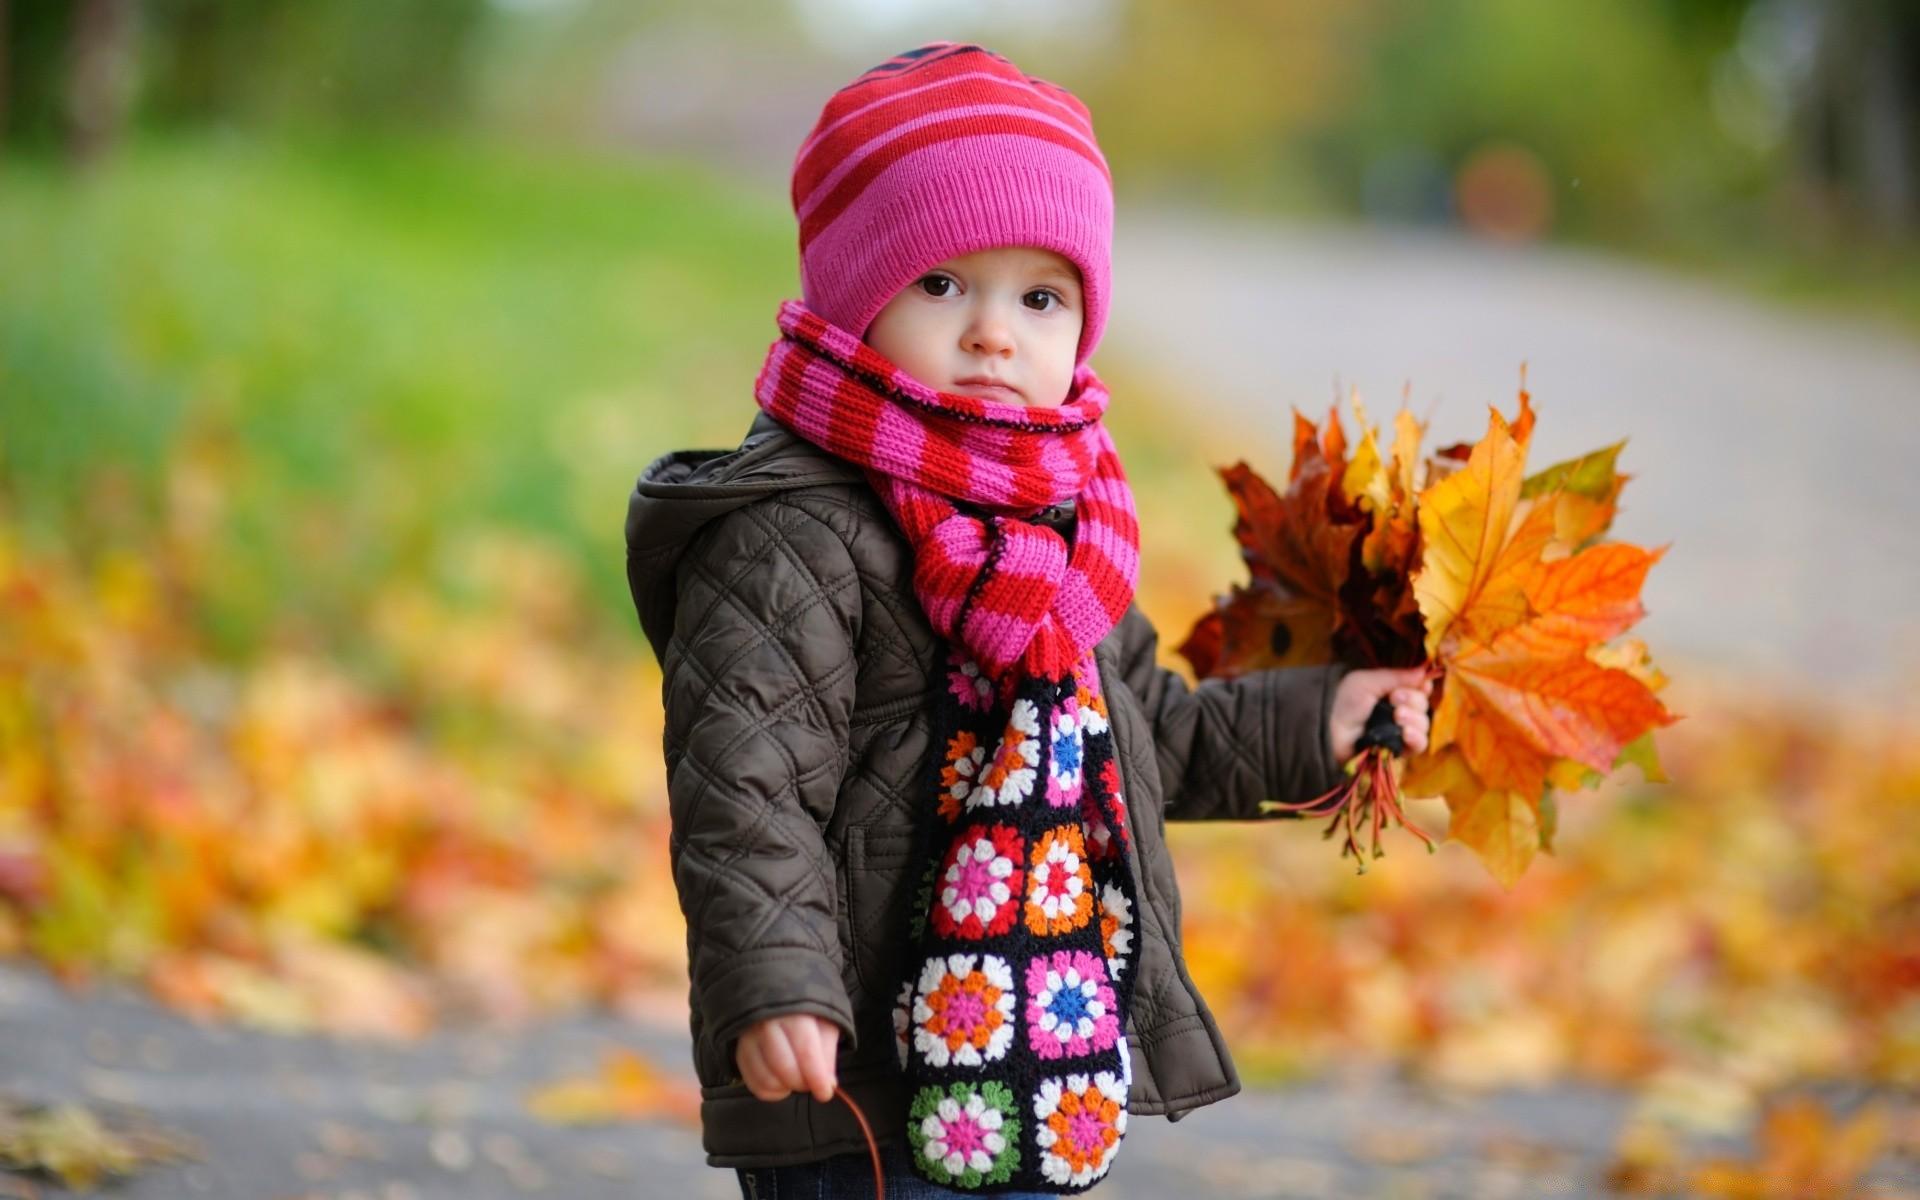 Осень и дети картинки на рабочий стол, днем